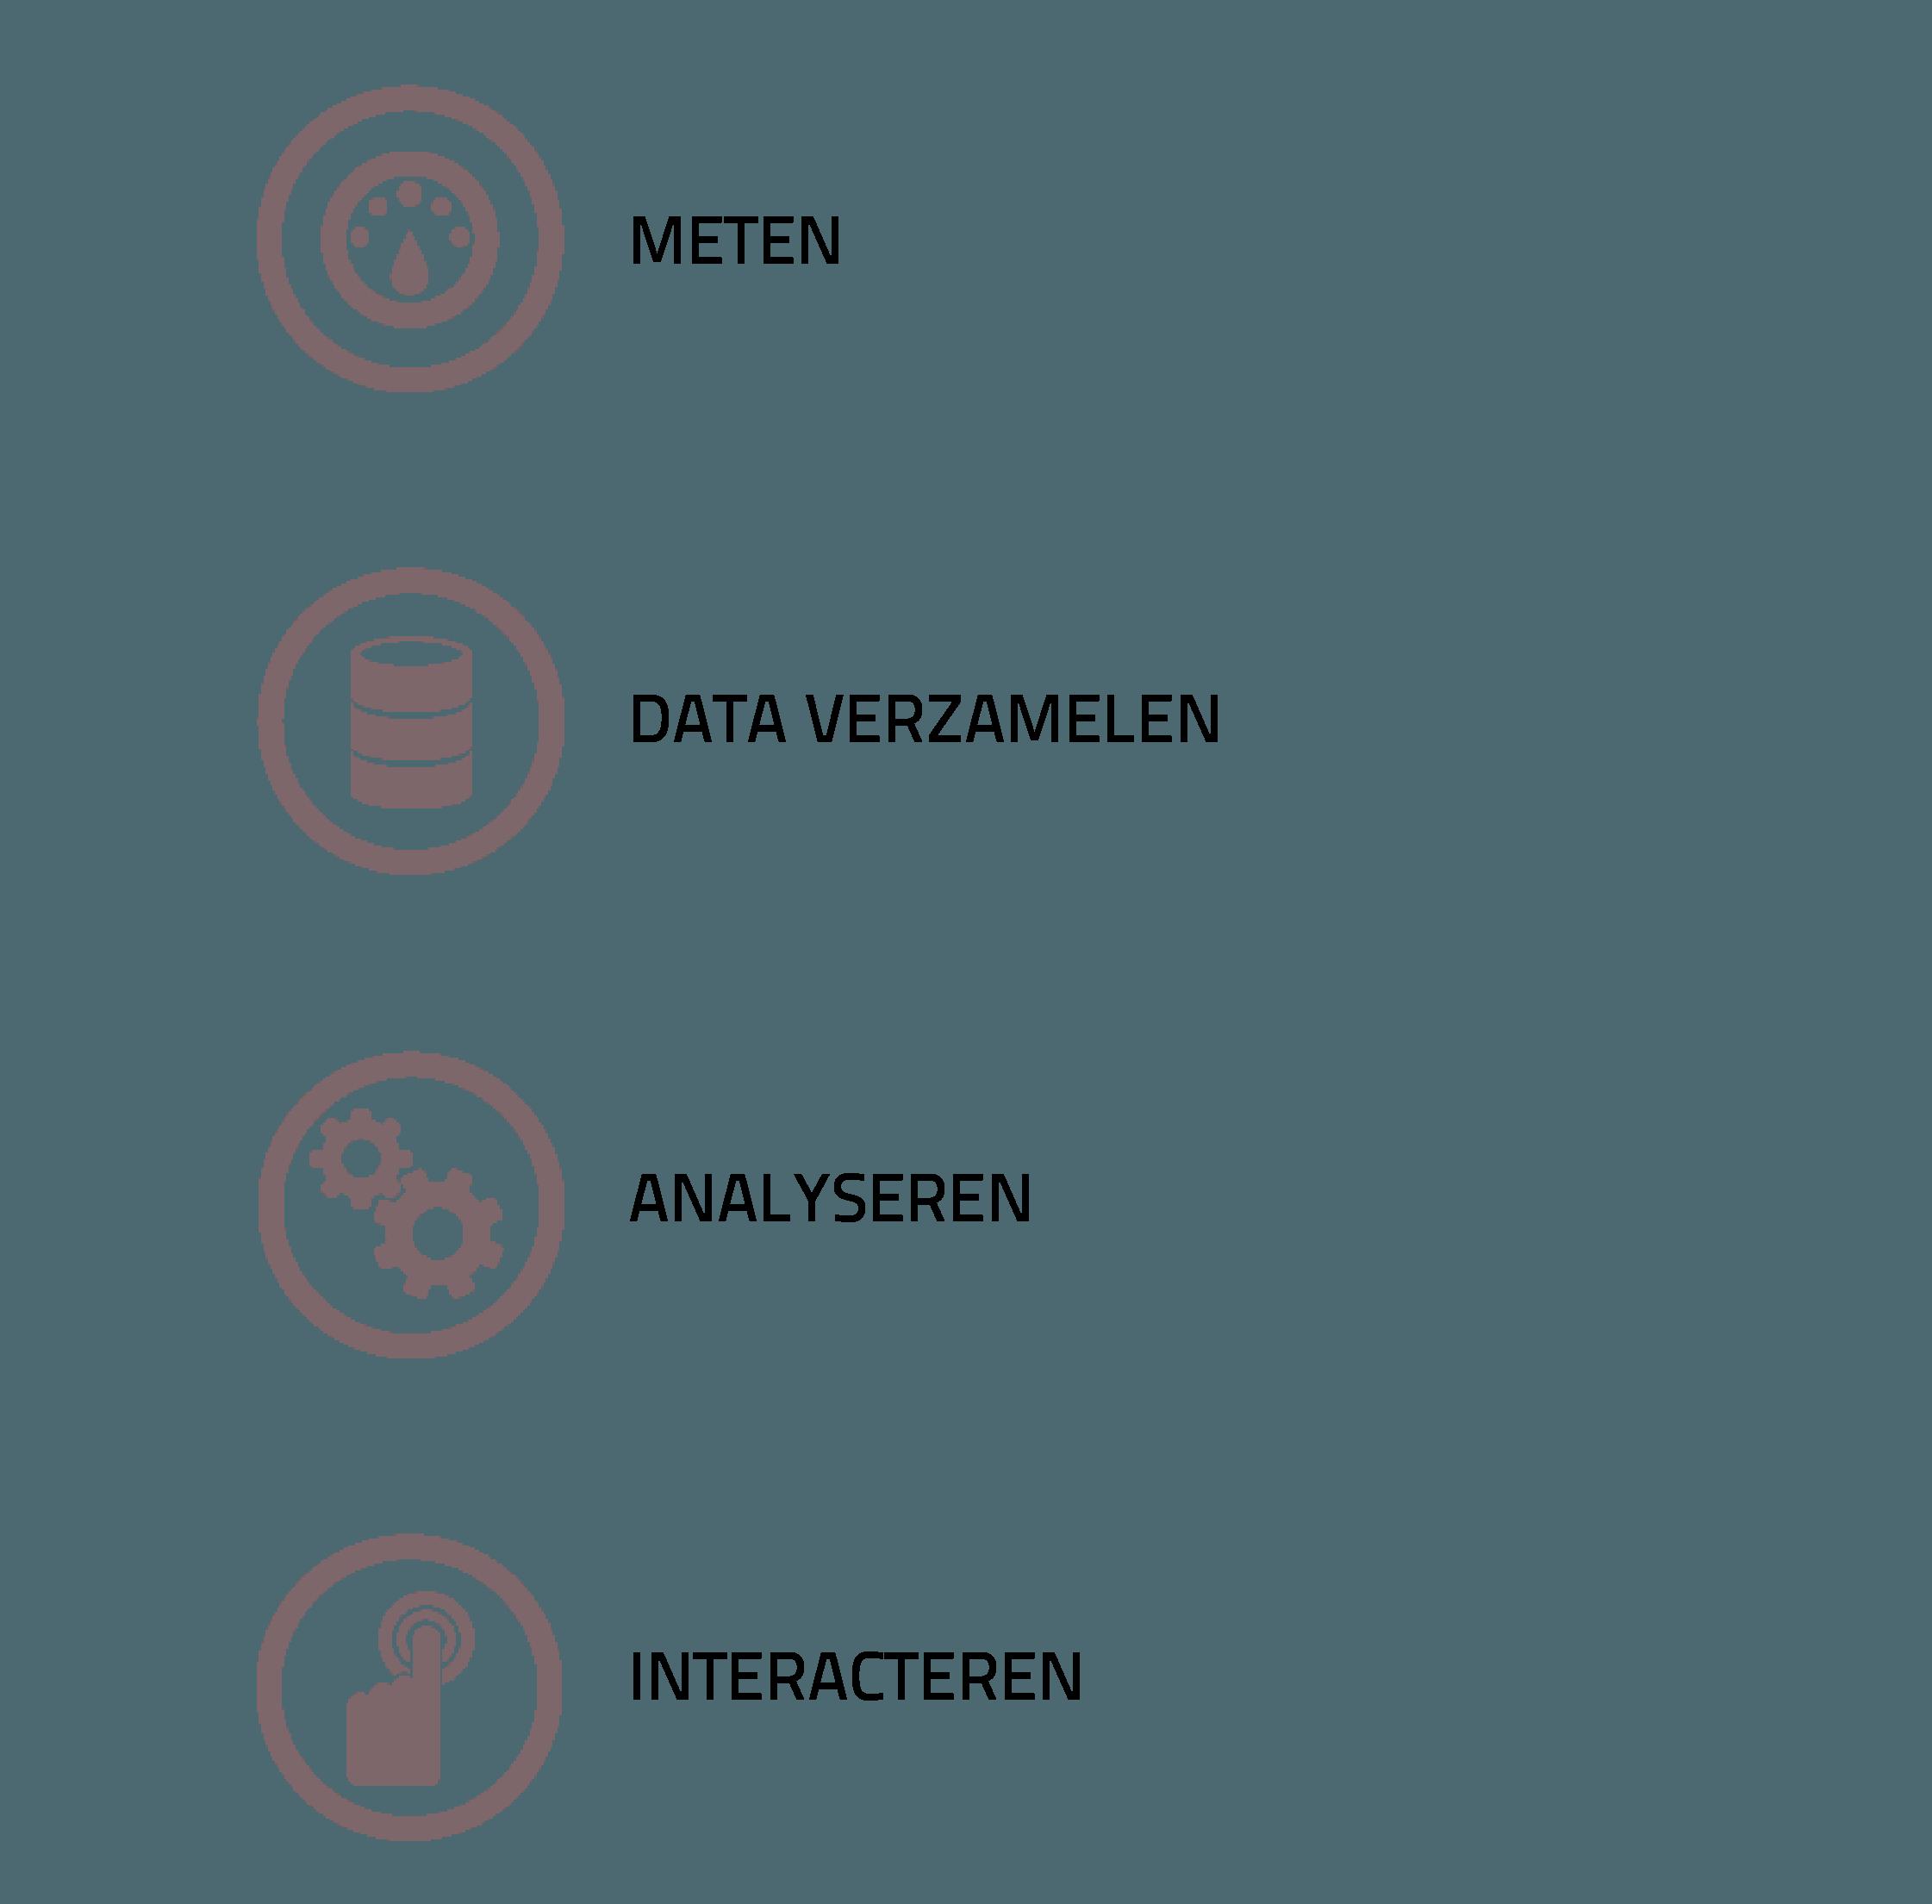 Resultaat in vier stappen